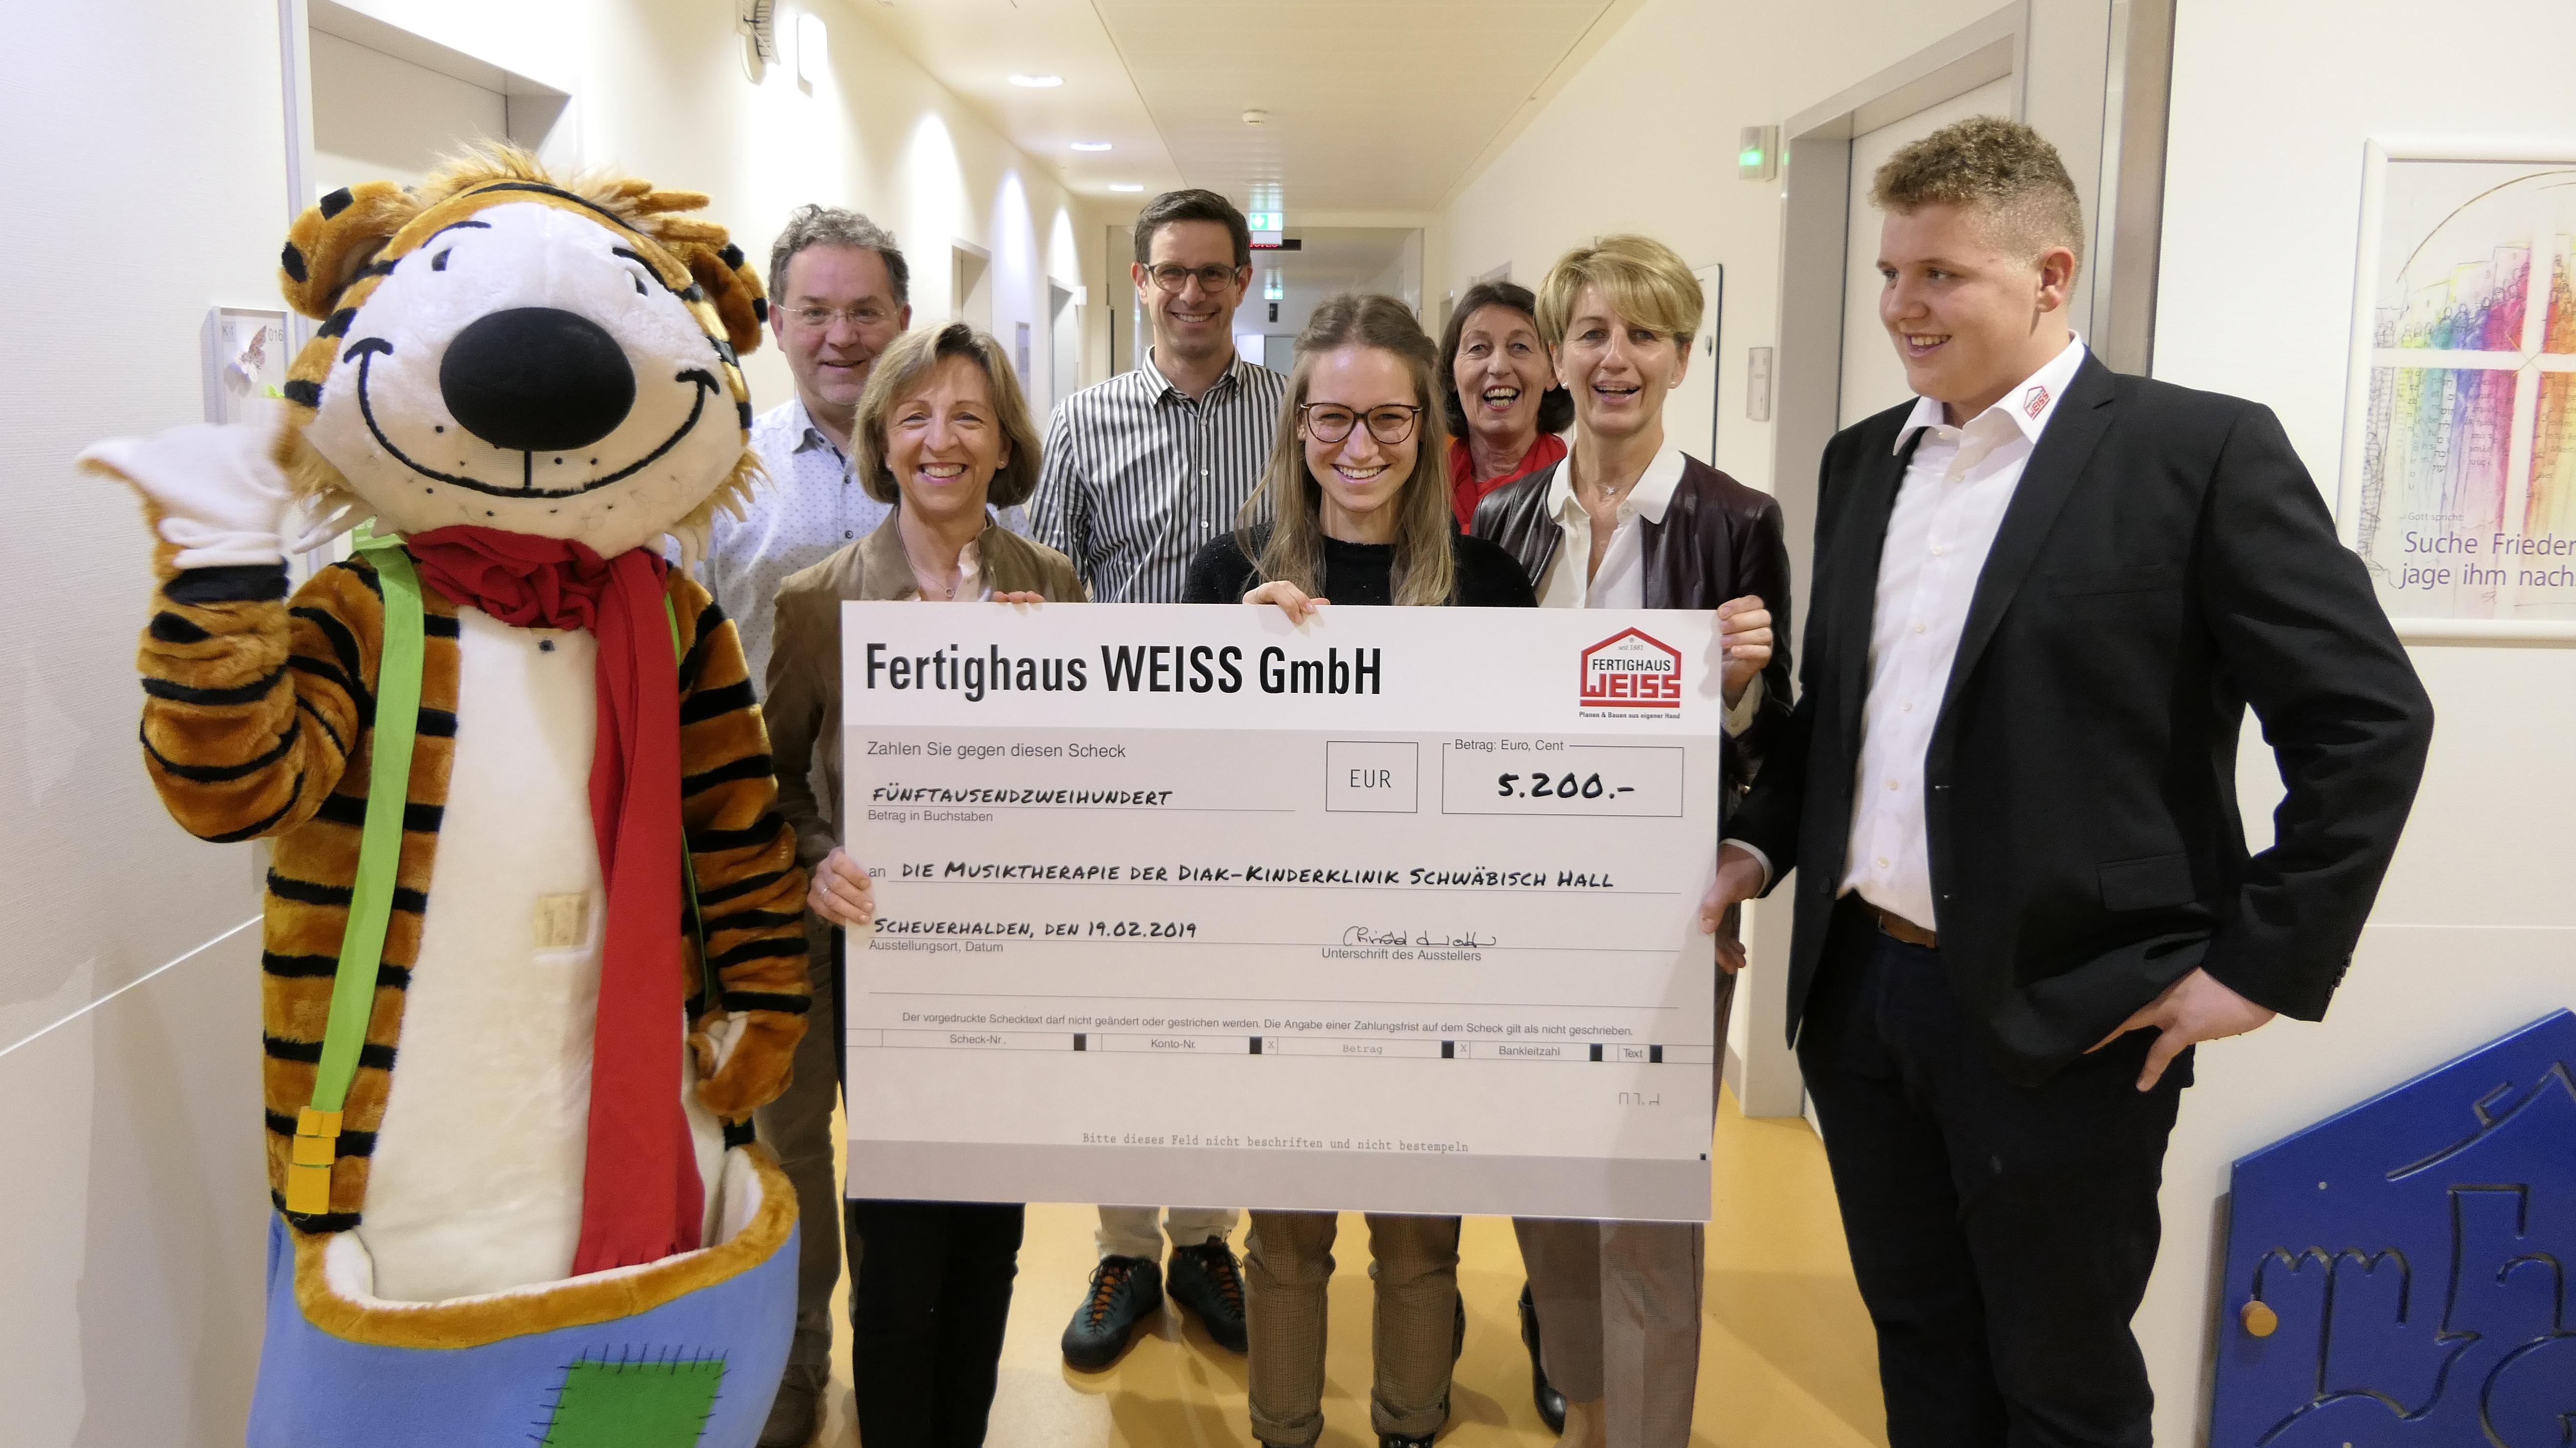 Fertighaus Weiss spendet 5.200 Euro für die Musiktherapie